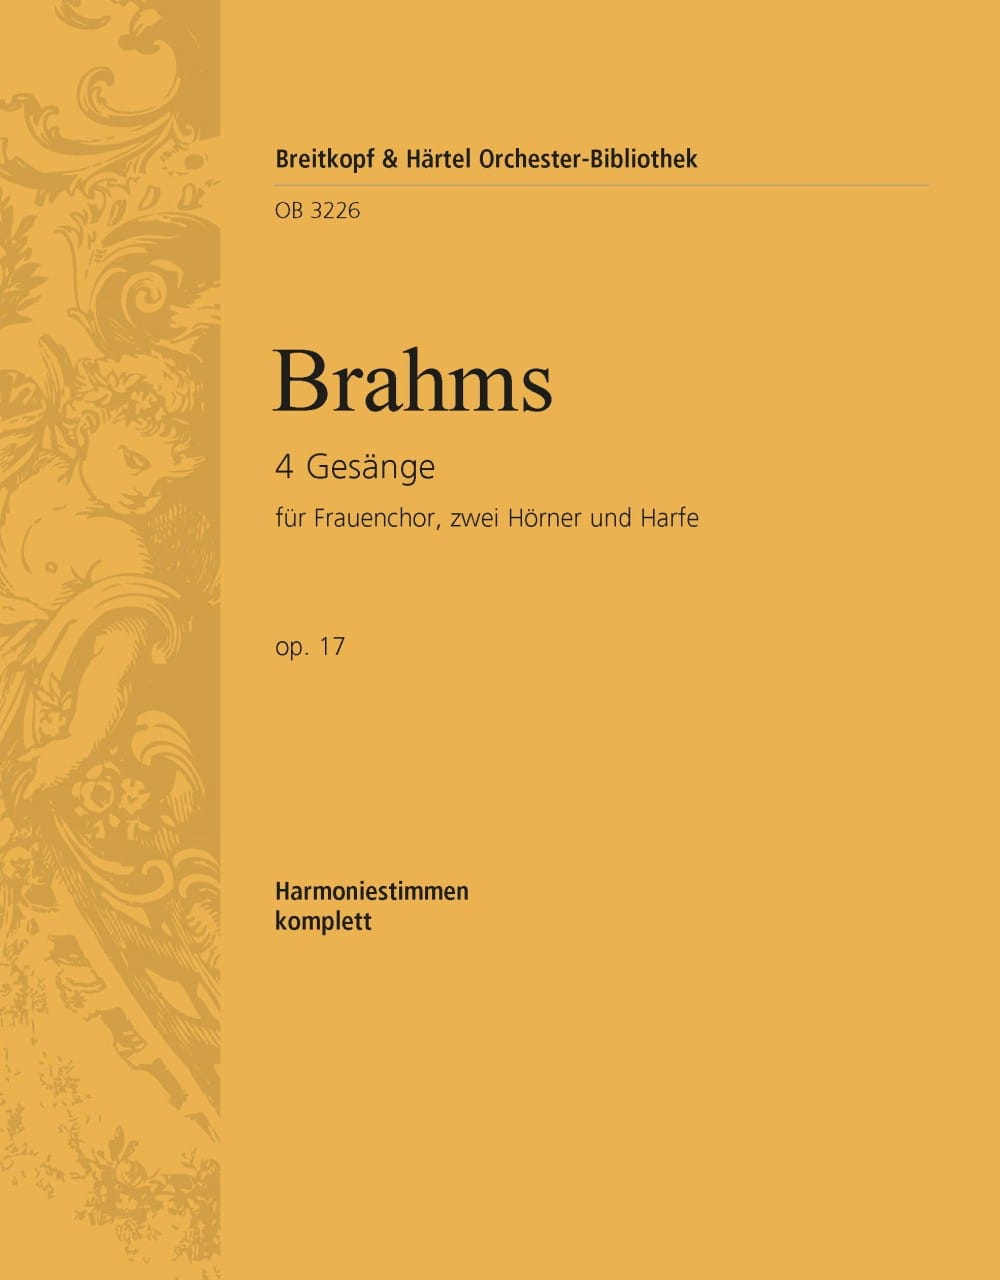 Vier Gesänge op. 17 - BRAHMS - Partition - laflutedepan.com